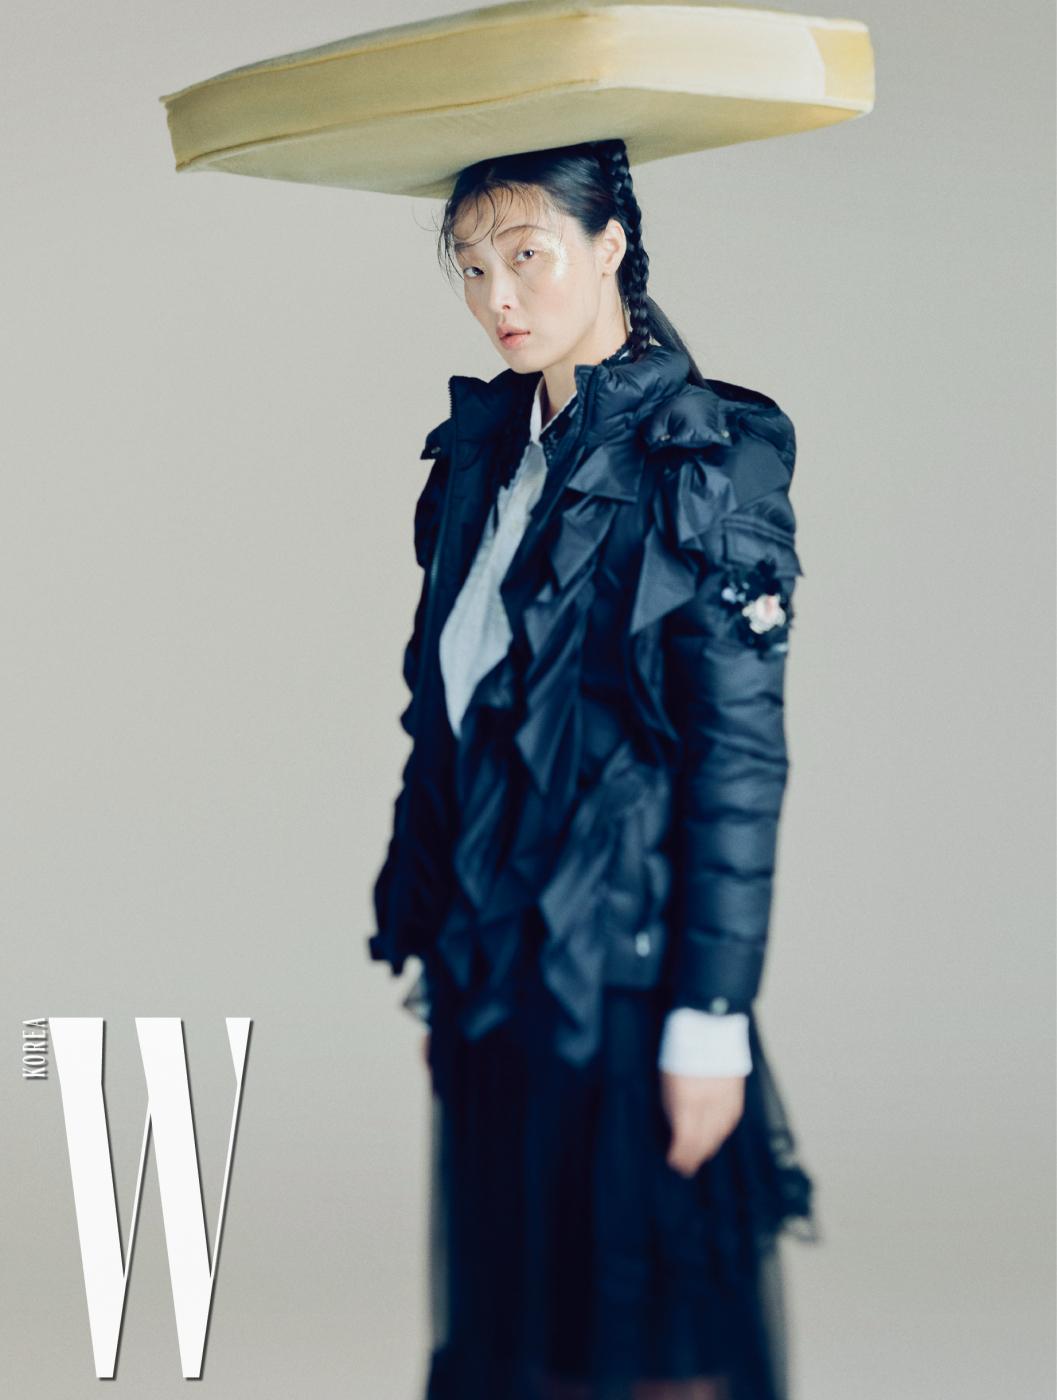 프릴 장식과 꽃으로 둘러진 왼팔의 로고 장식이 독특한 패딩 재킷, 레이스 칼라 장식 셔츠, 시스루 스커트는 모두 4 Moncler Simone Rocha 제품.